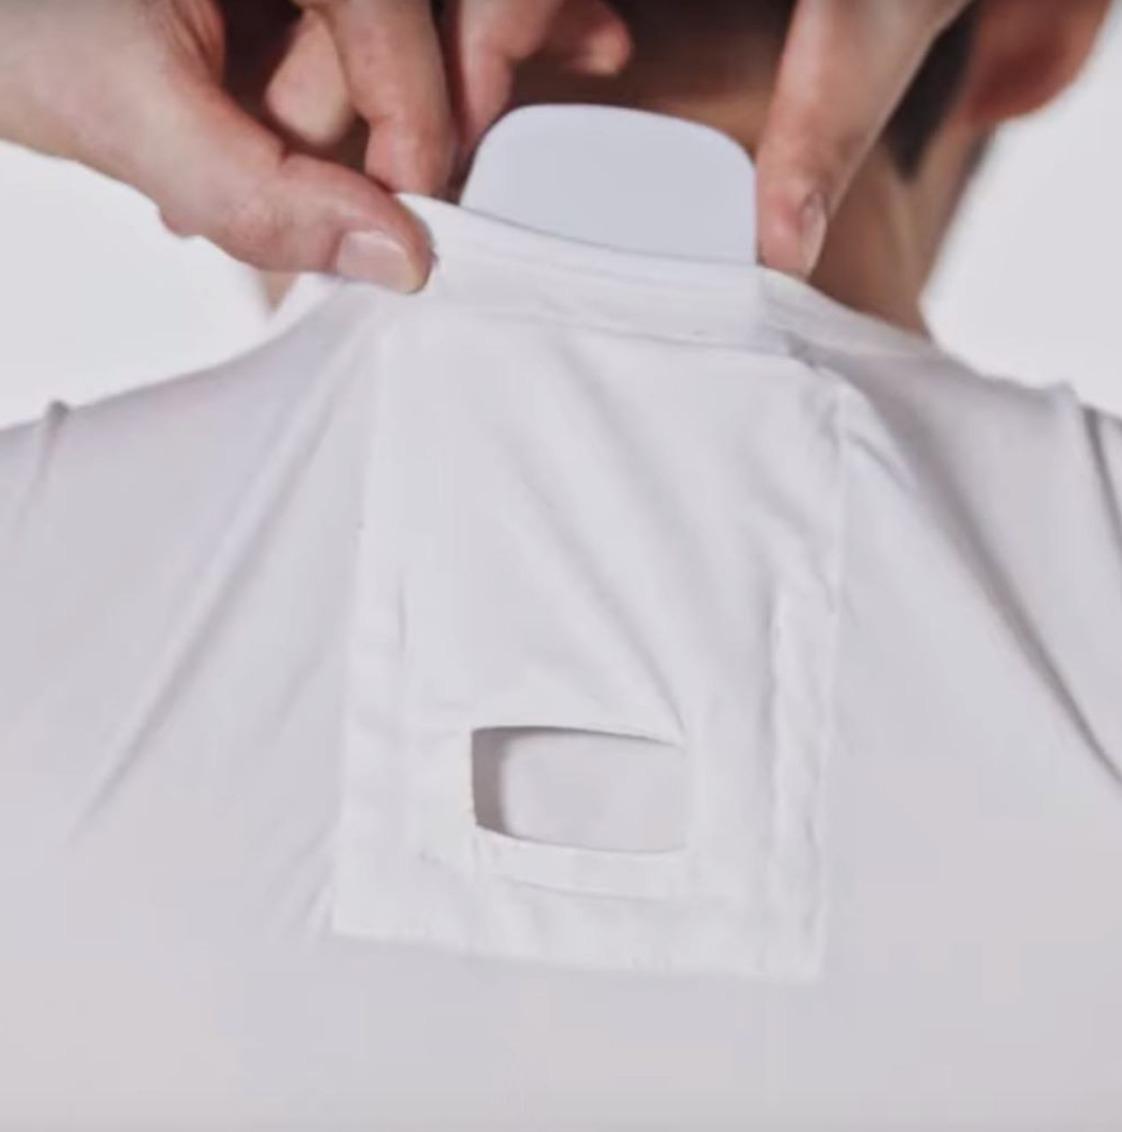 camisa con aire acondicionado